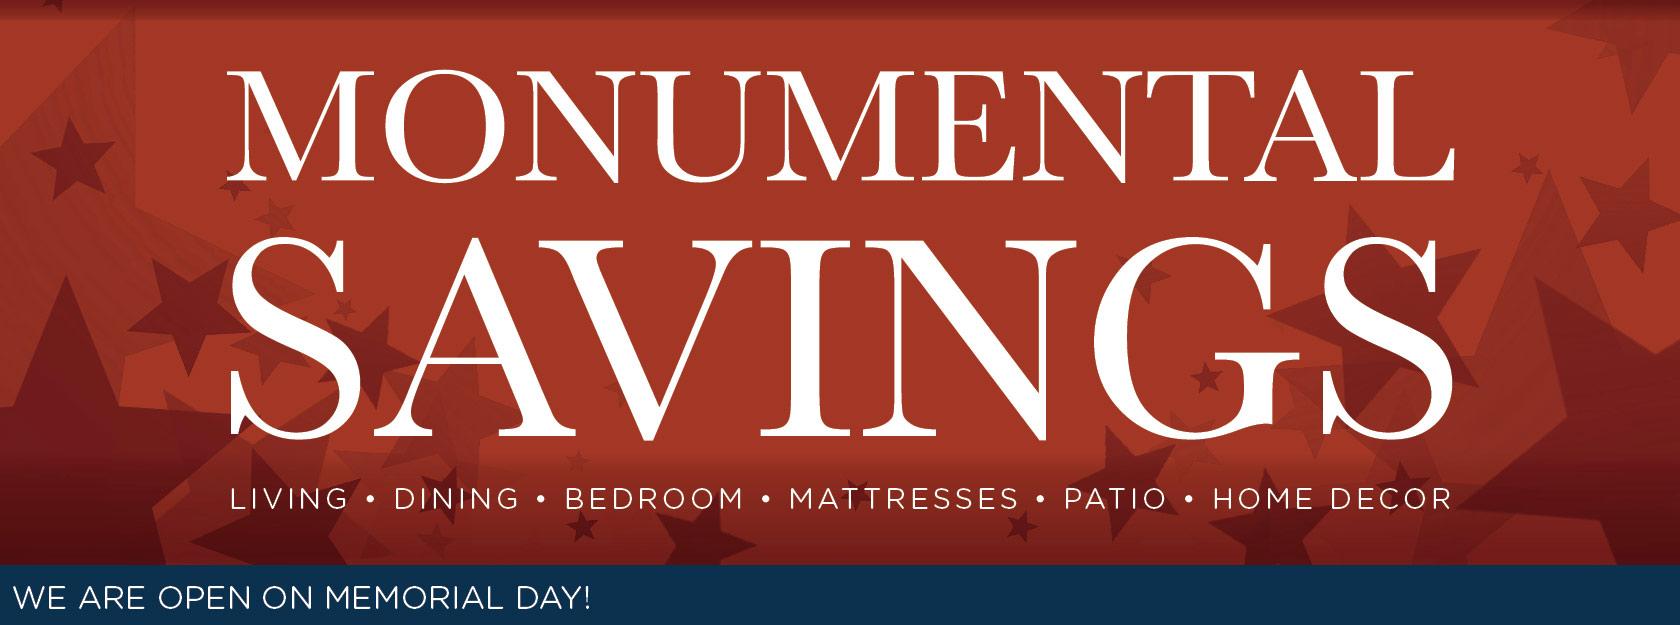 Memorial Day - Monumental Savings